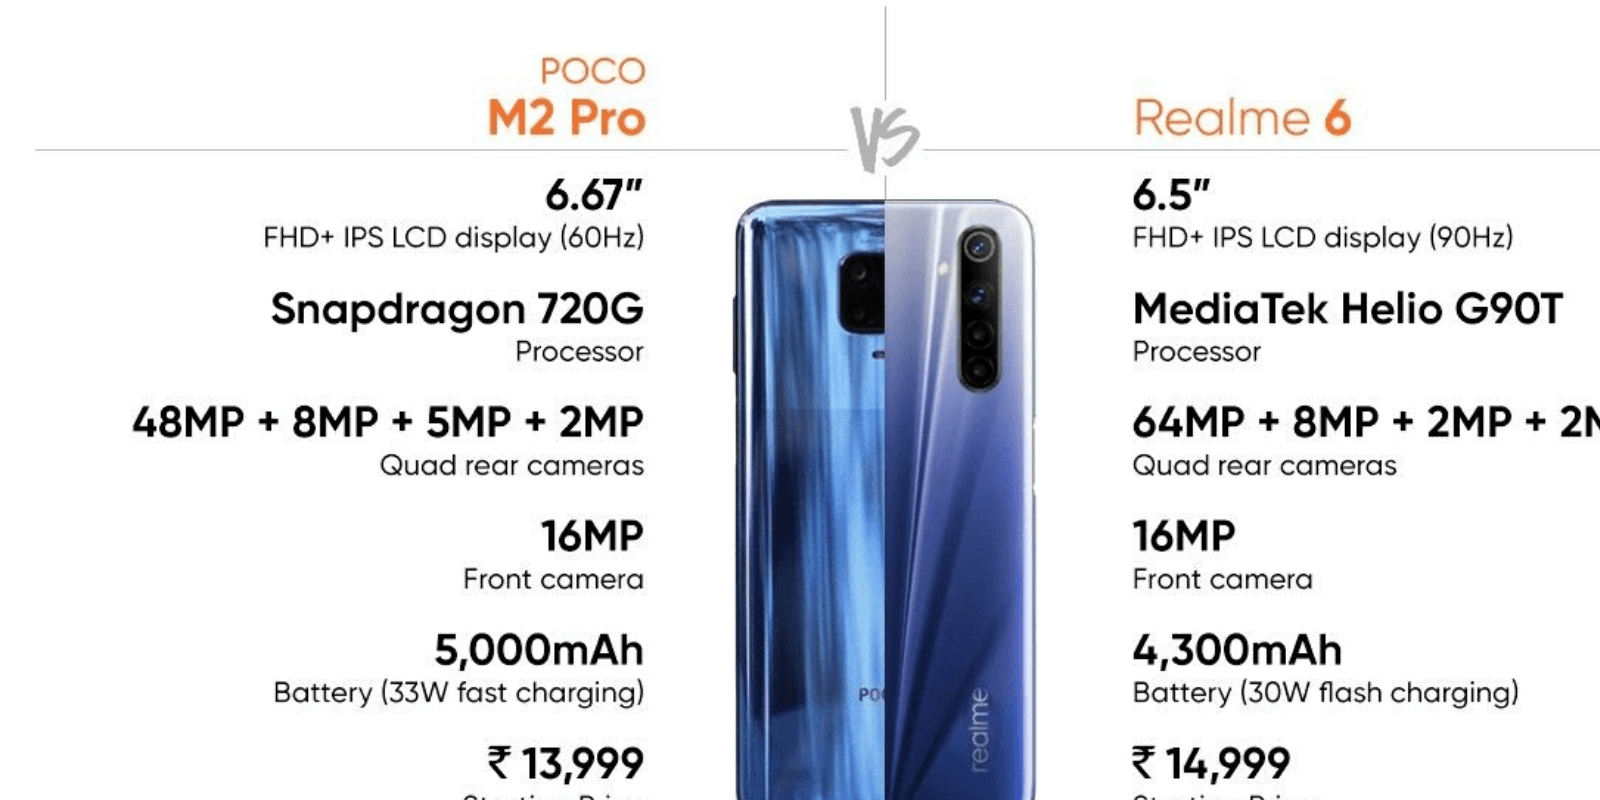 POCO M2 Pro vs Realme 6